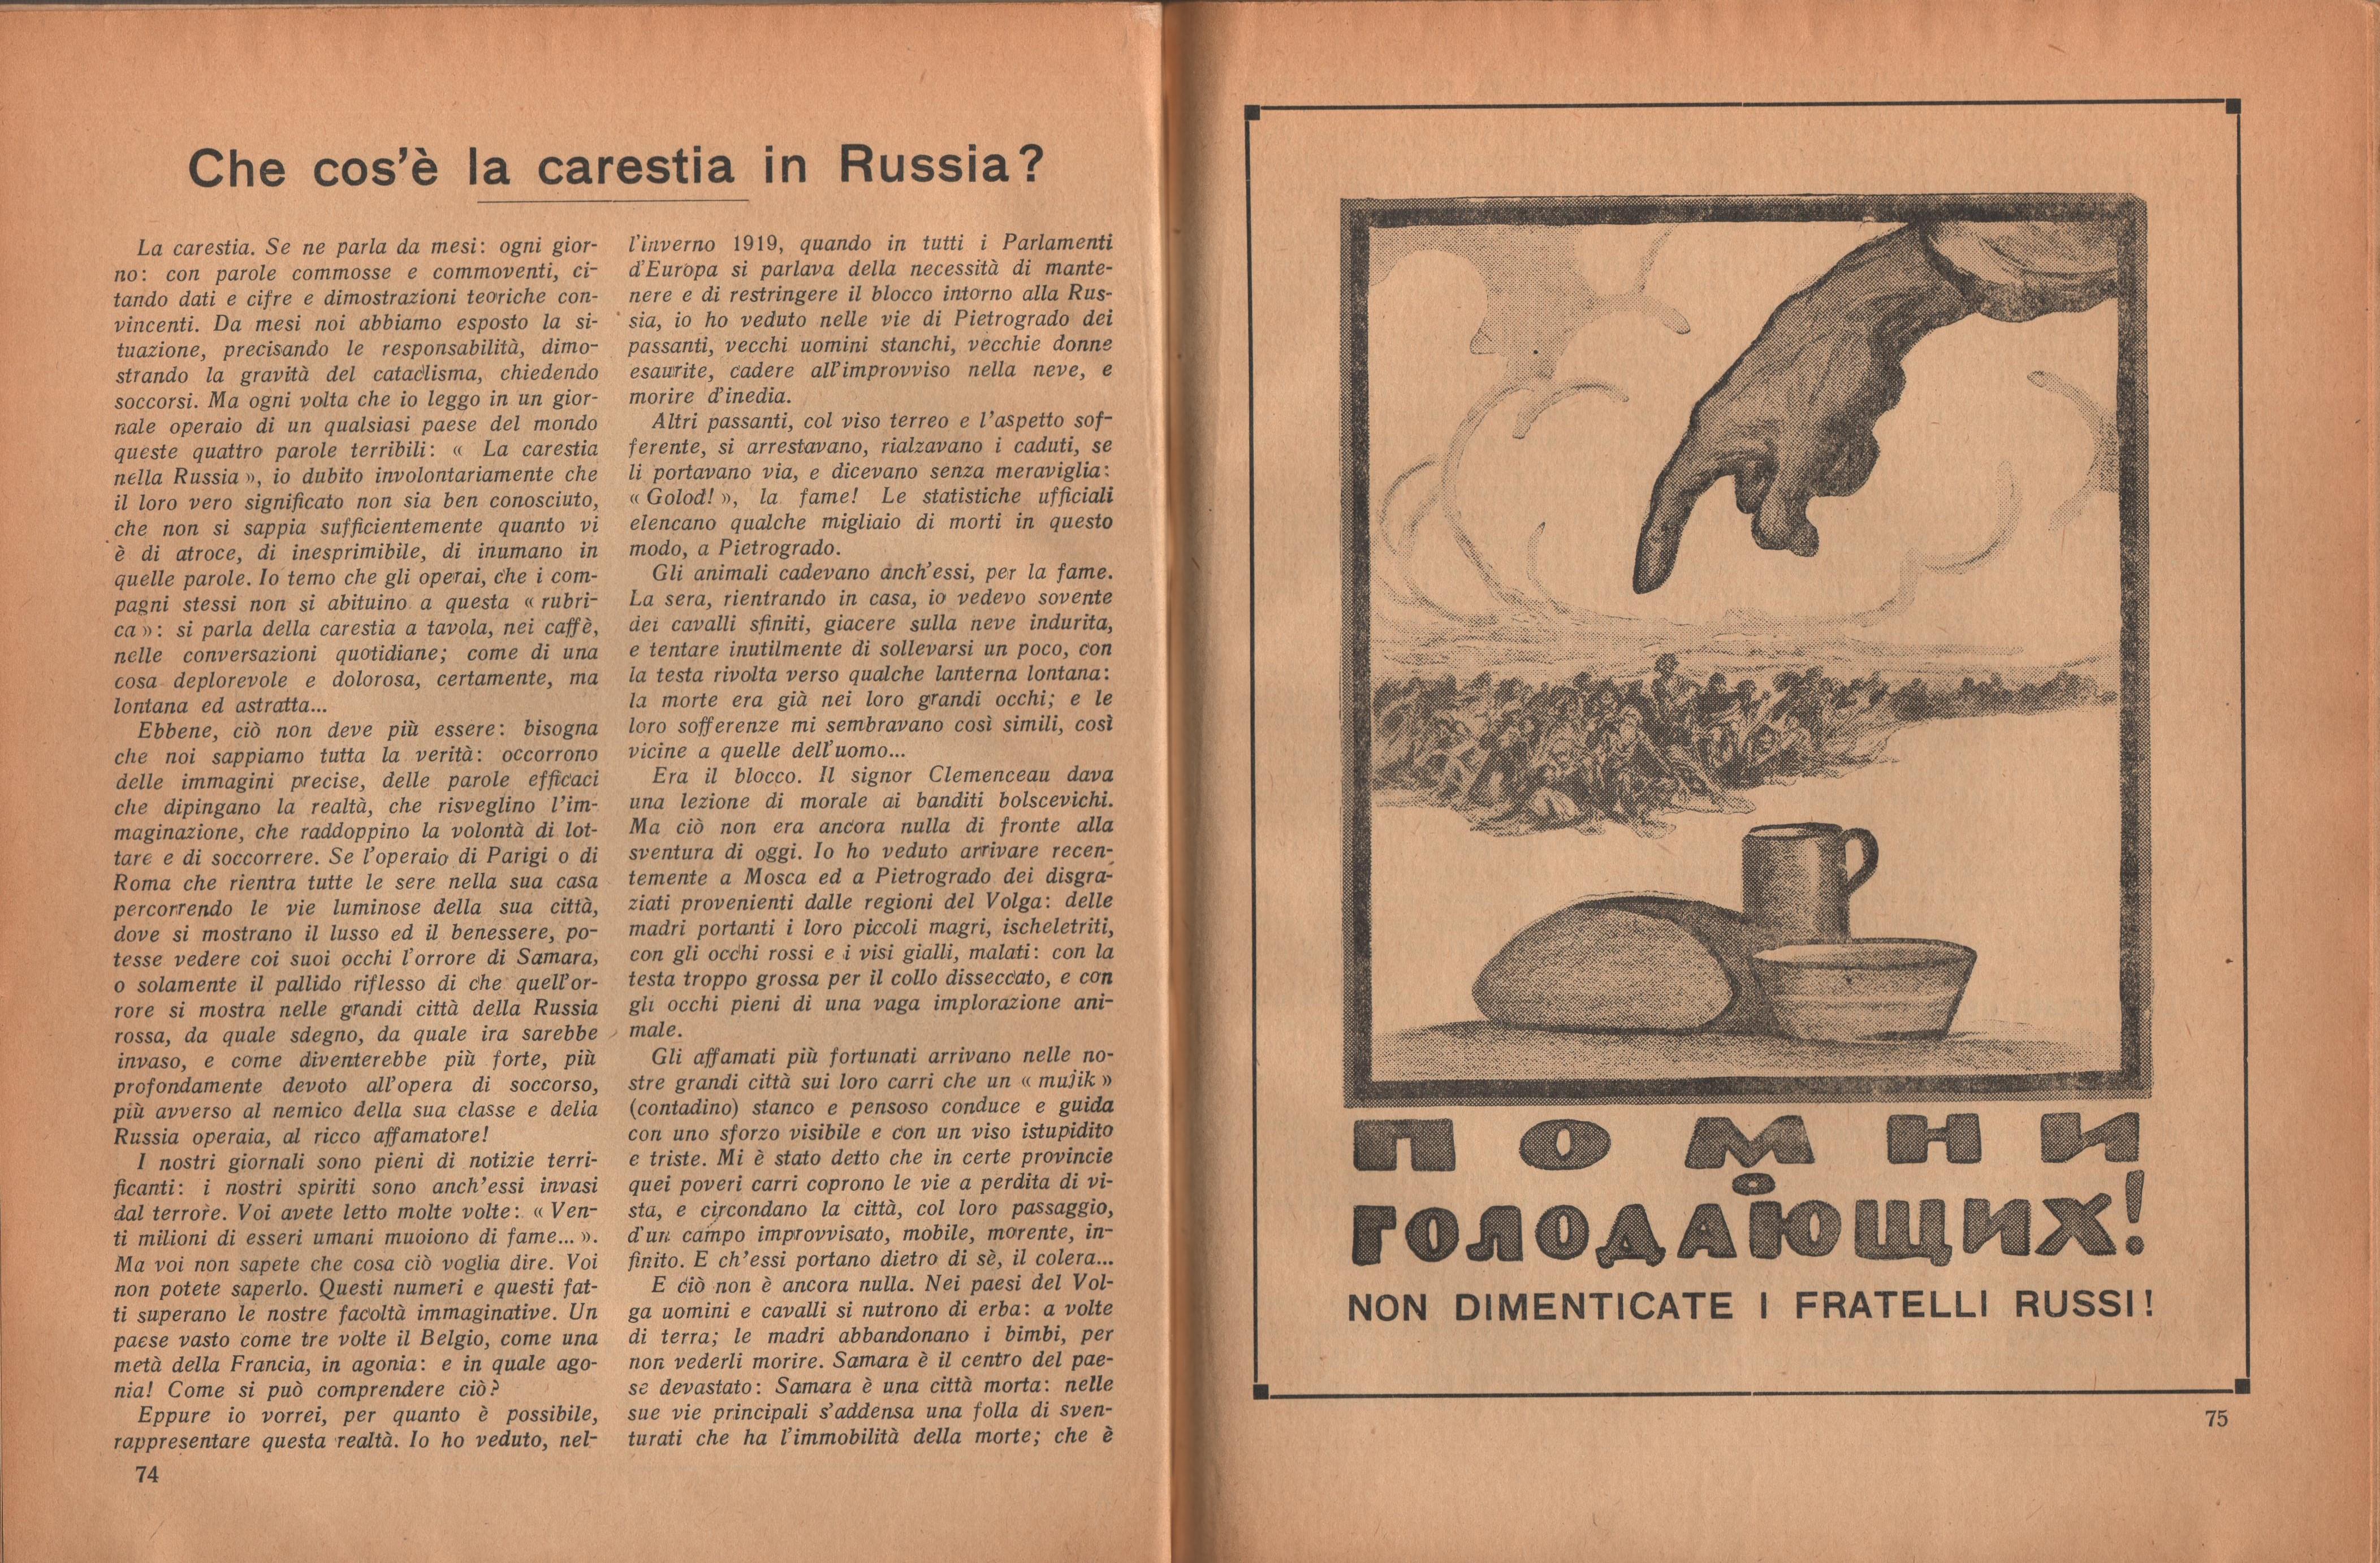 Almanacco comunista 1922 - pag. 45